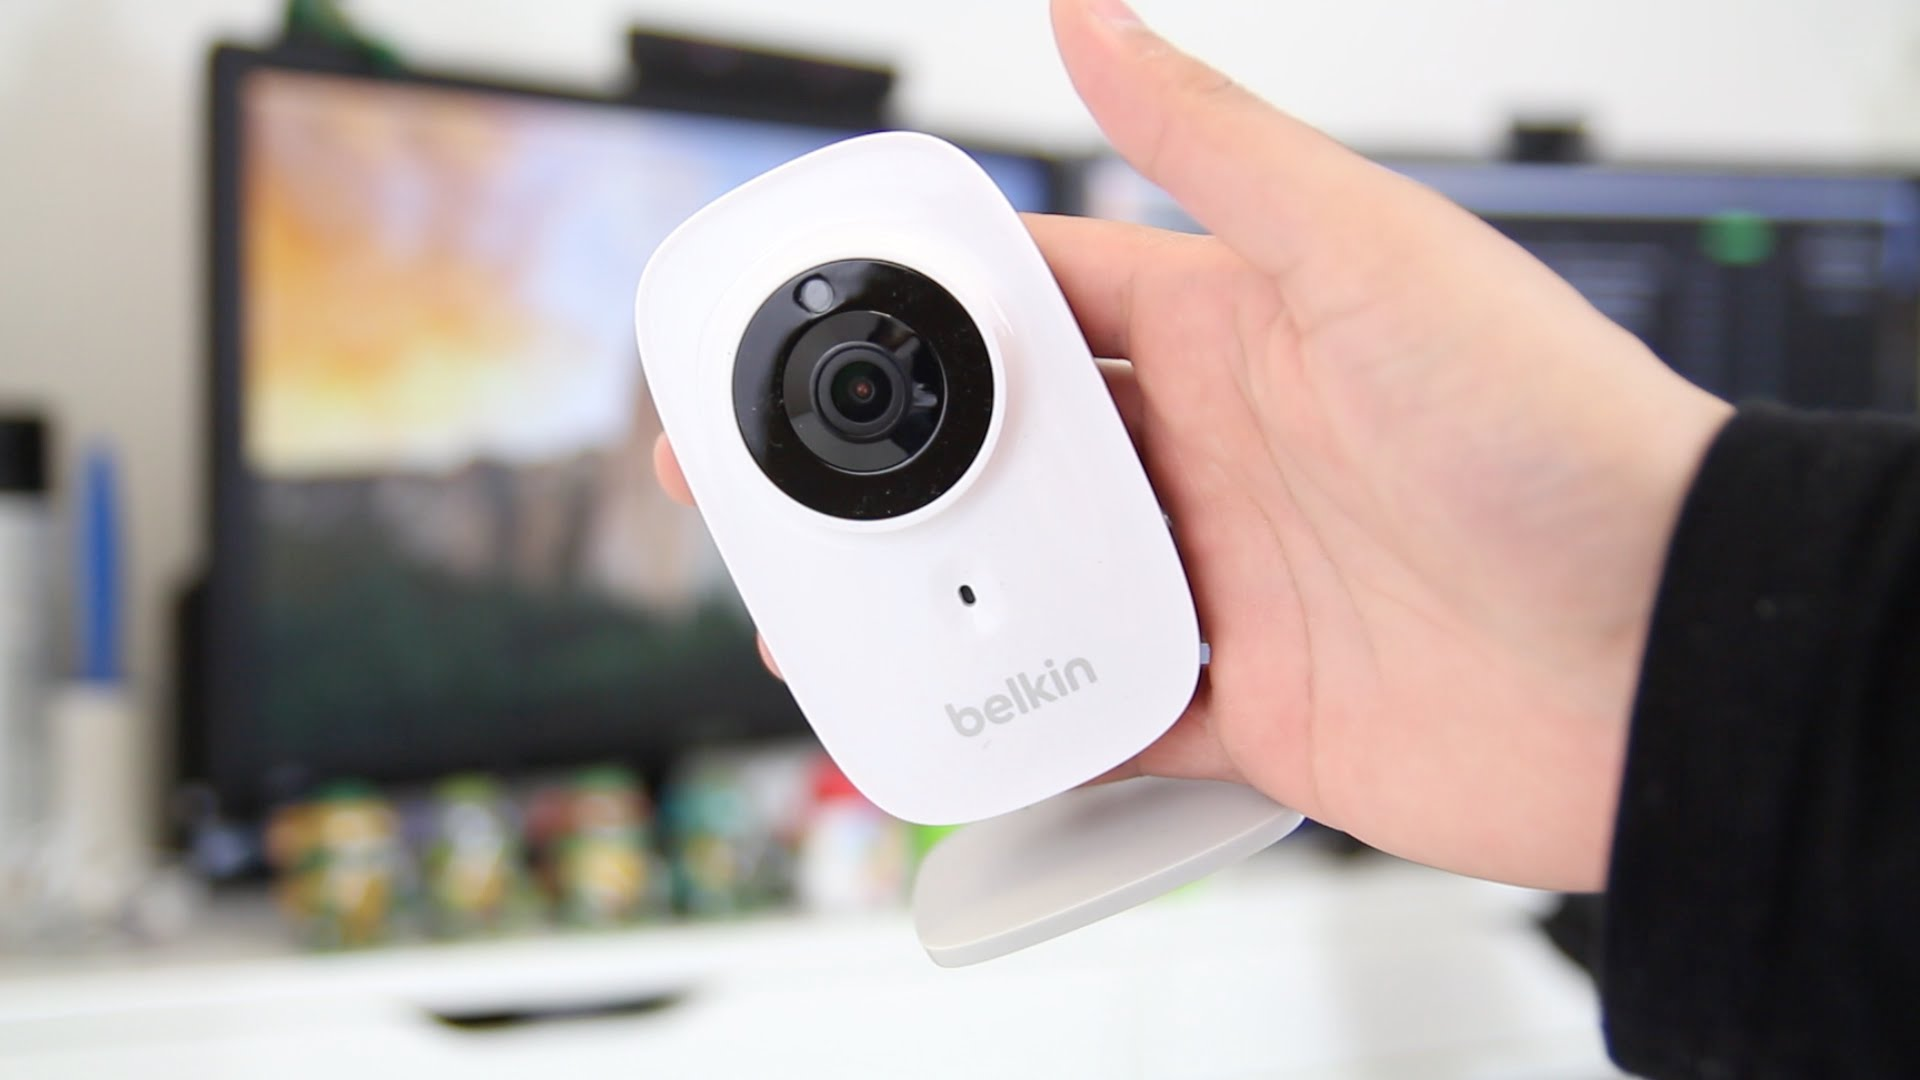 Remote Camera